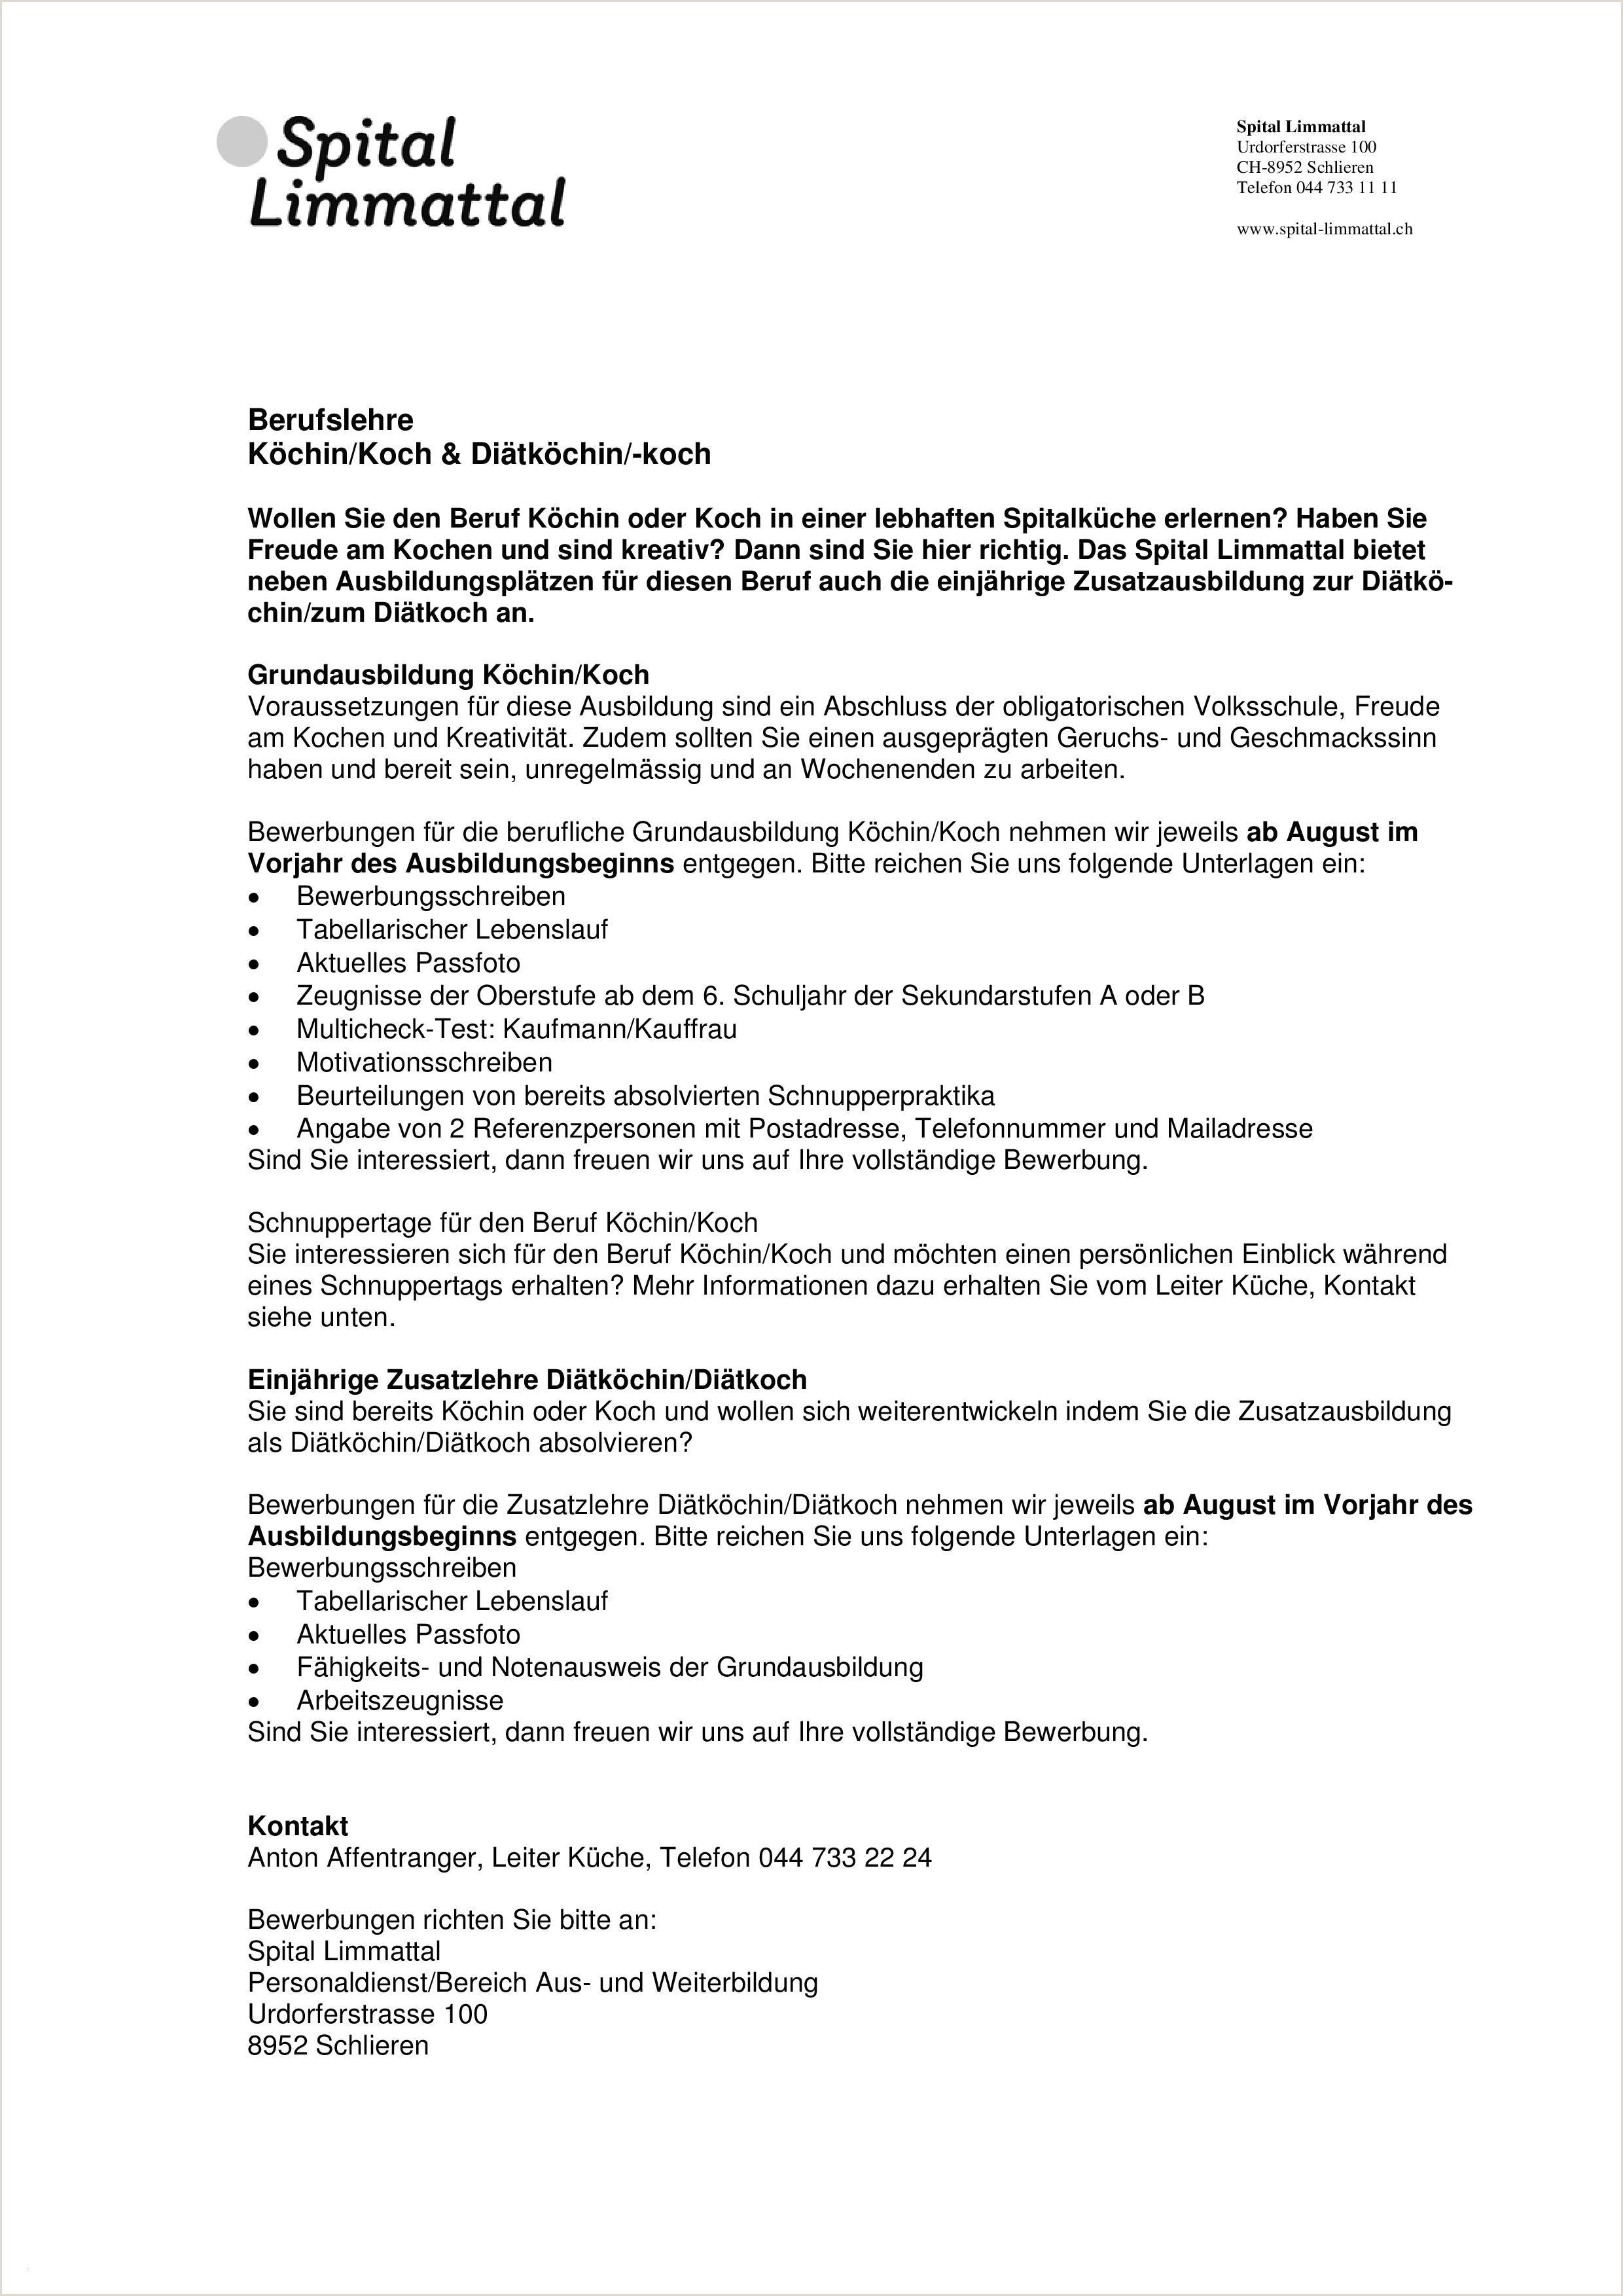 Fresh Bewerbungsschreiben Schnuppertage Vorlage 2019